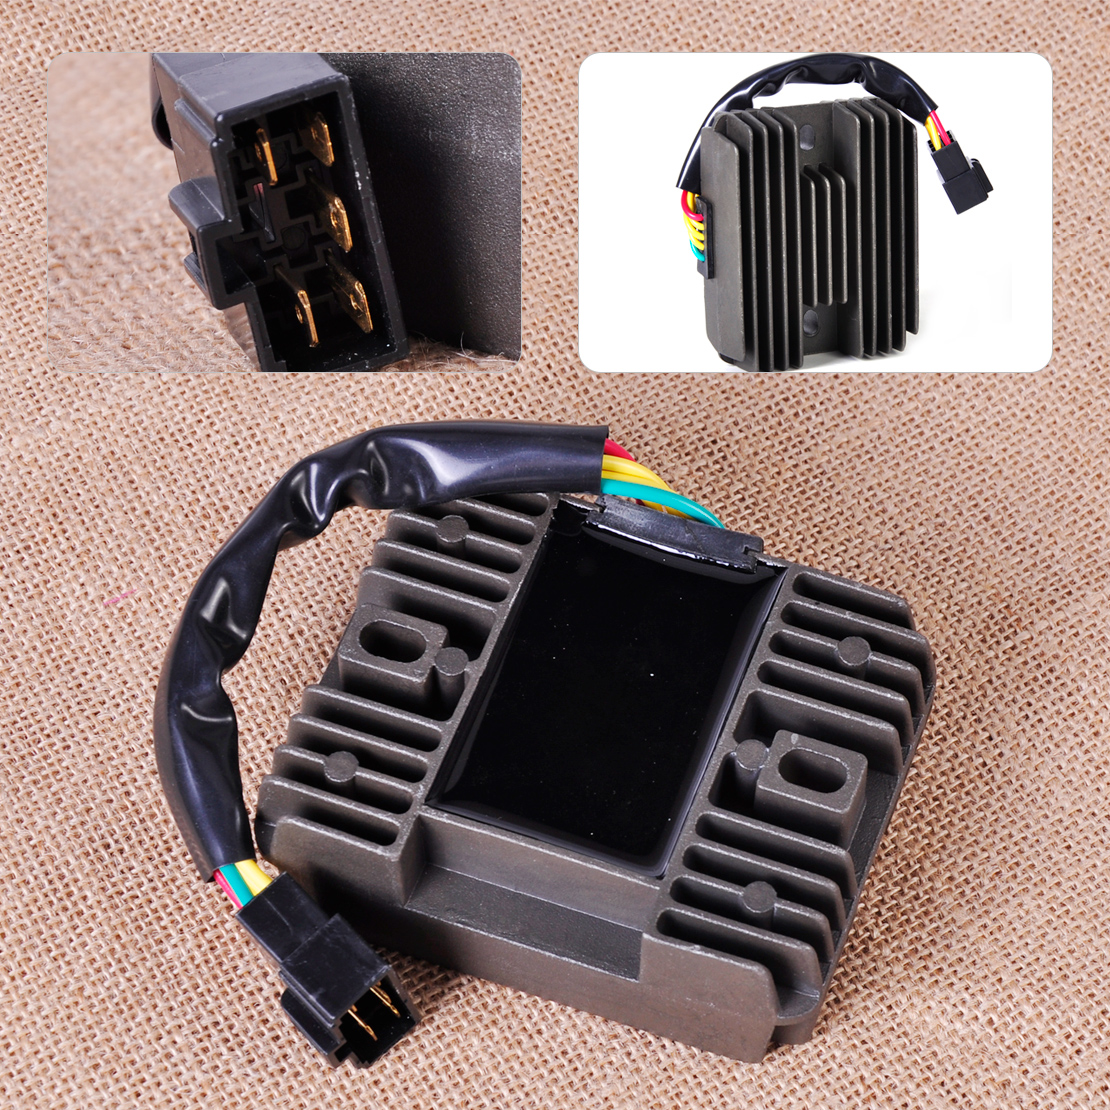 Citall motorcycle voltage regulator rectifier for suzuki gsxr600 gsxr750 gsxr1000 gsx1300r vl1500 intruder lt f500f